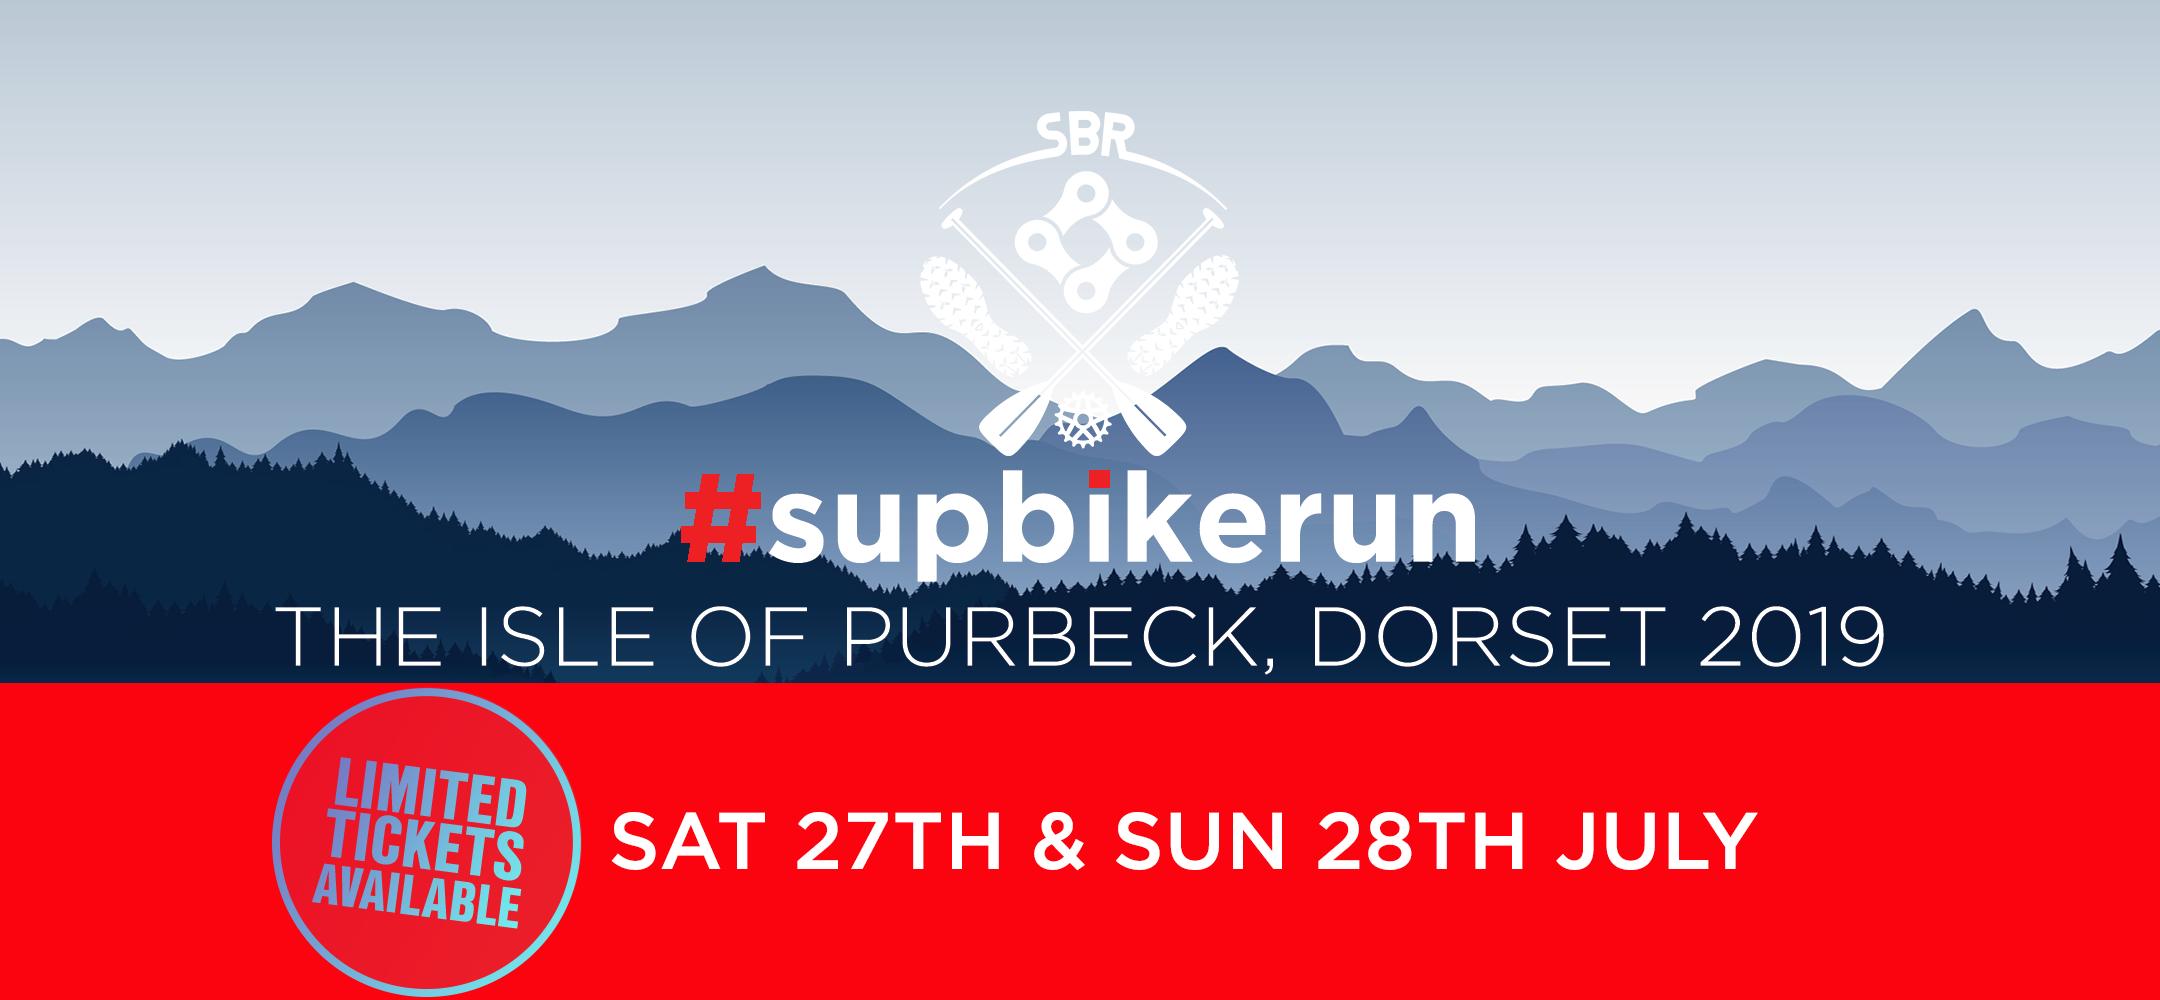 SUPBIKERUN-ISLE-OF-PURBECK-2019